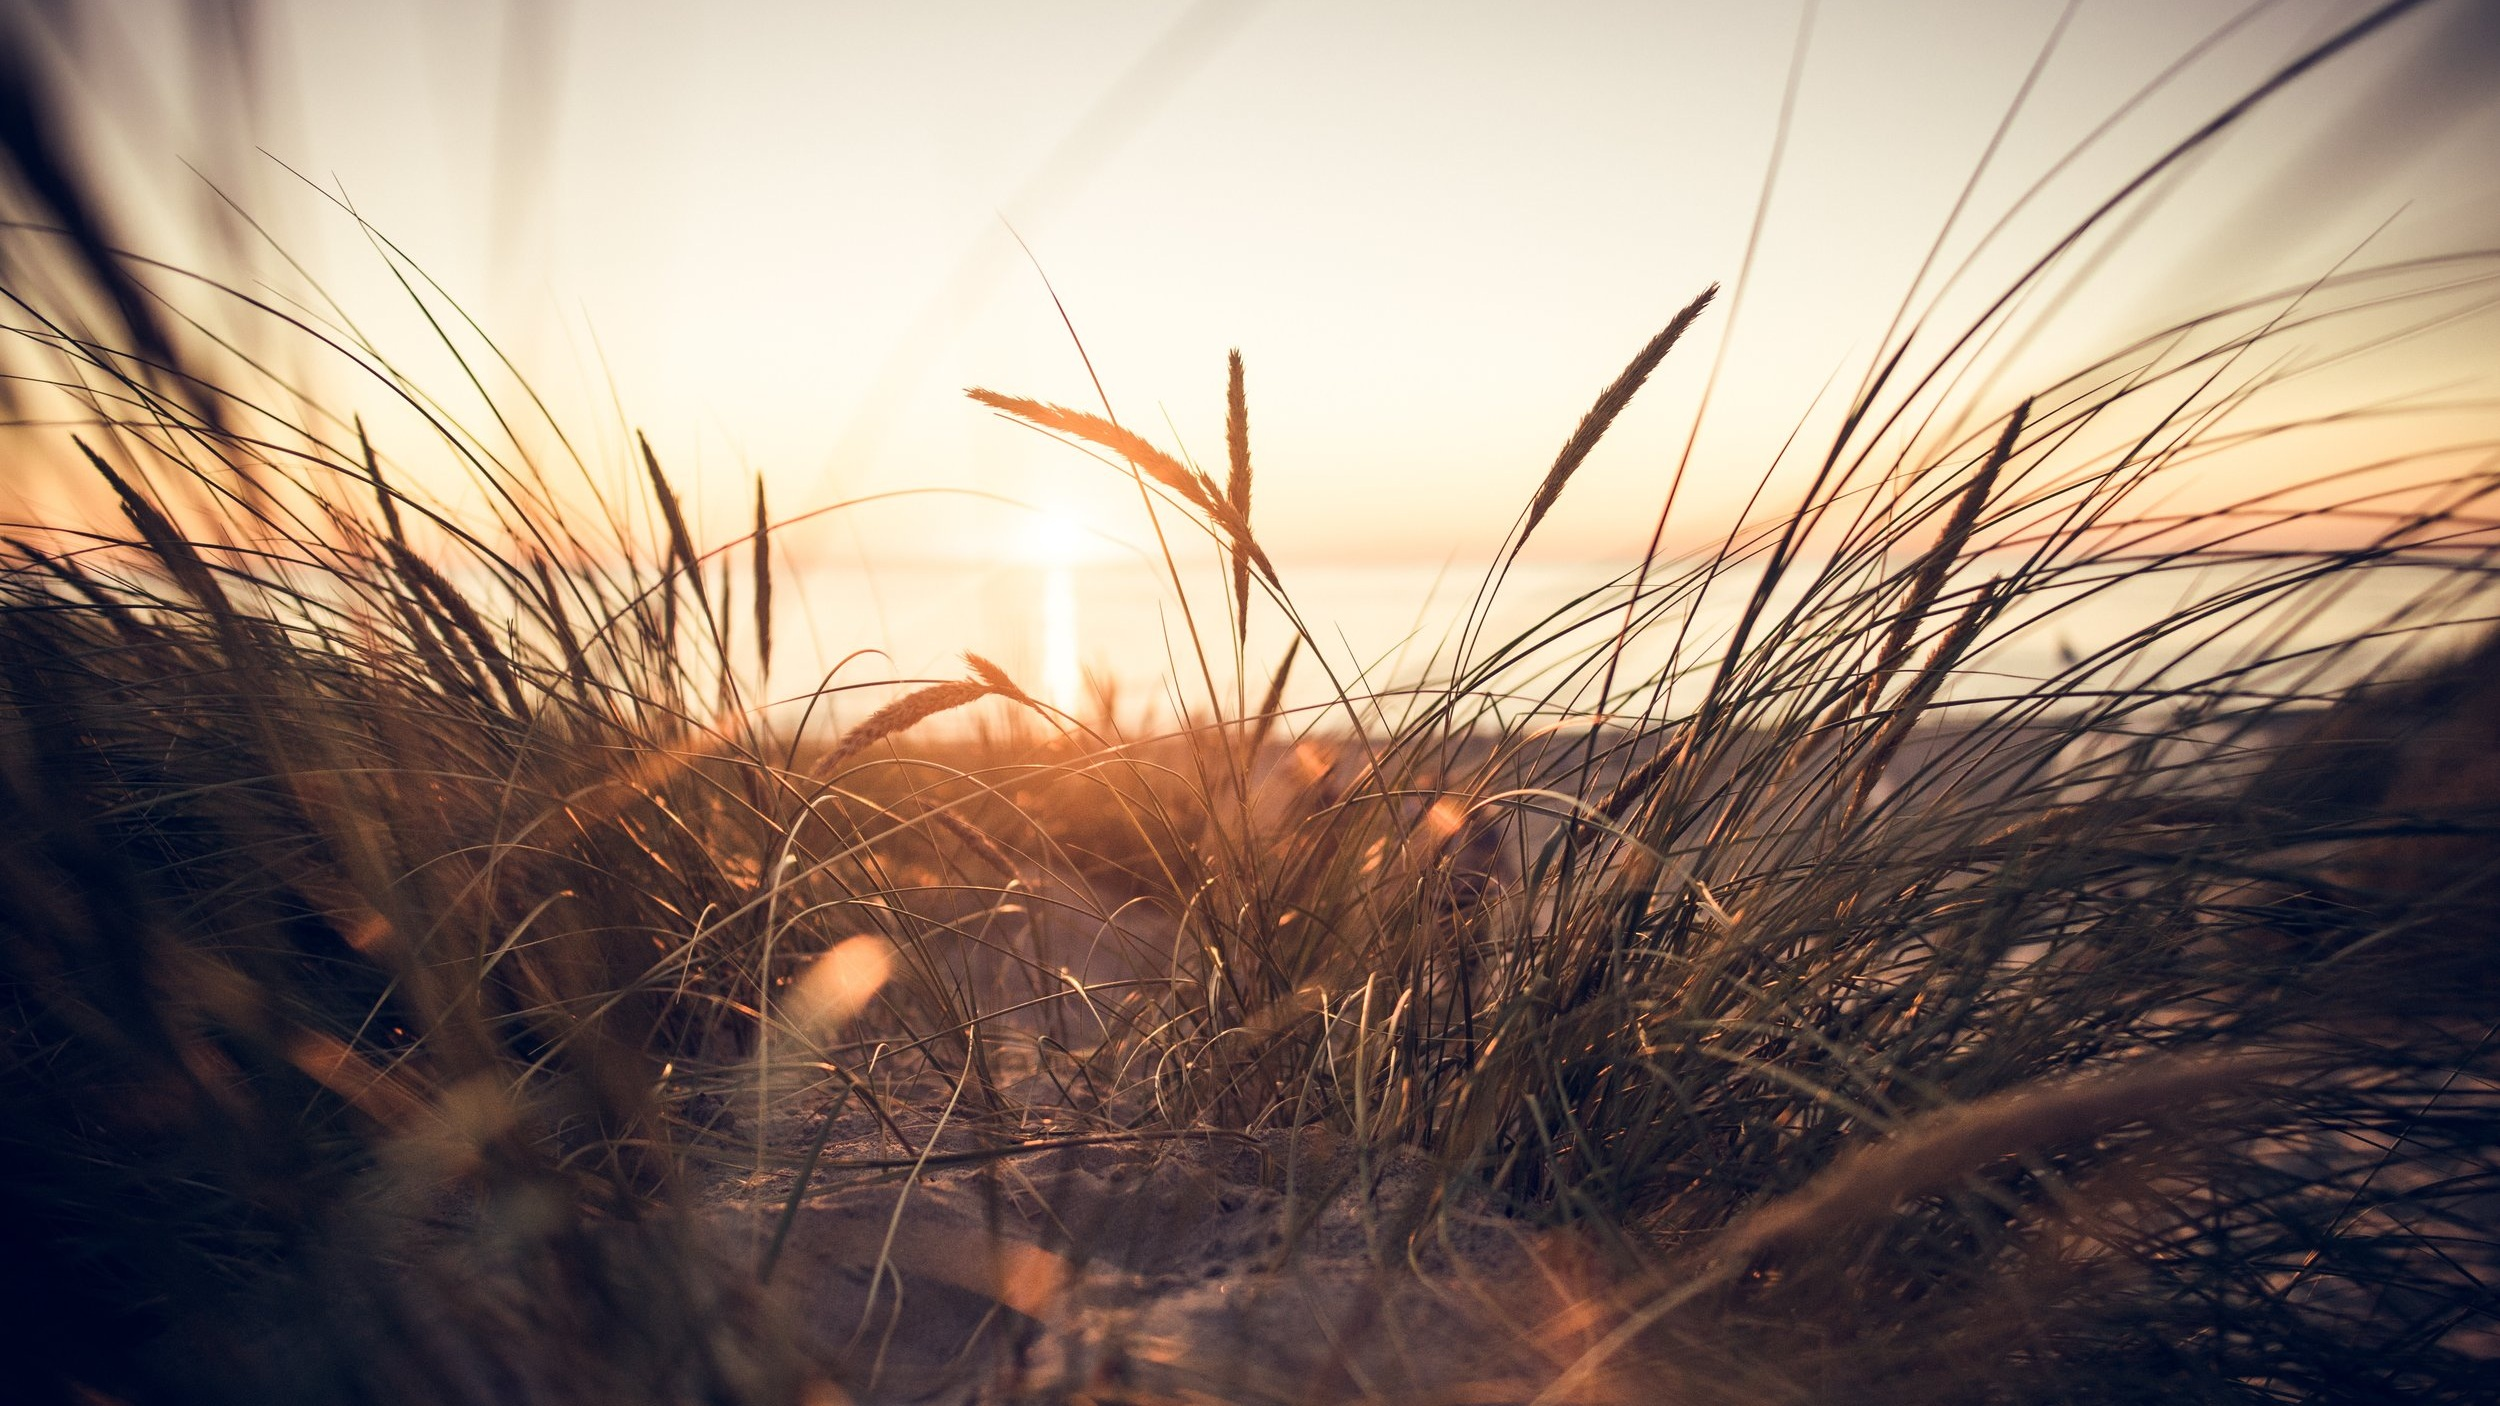 sunrise-on-wild-grasses.jpg